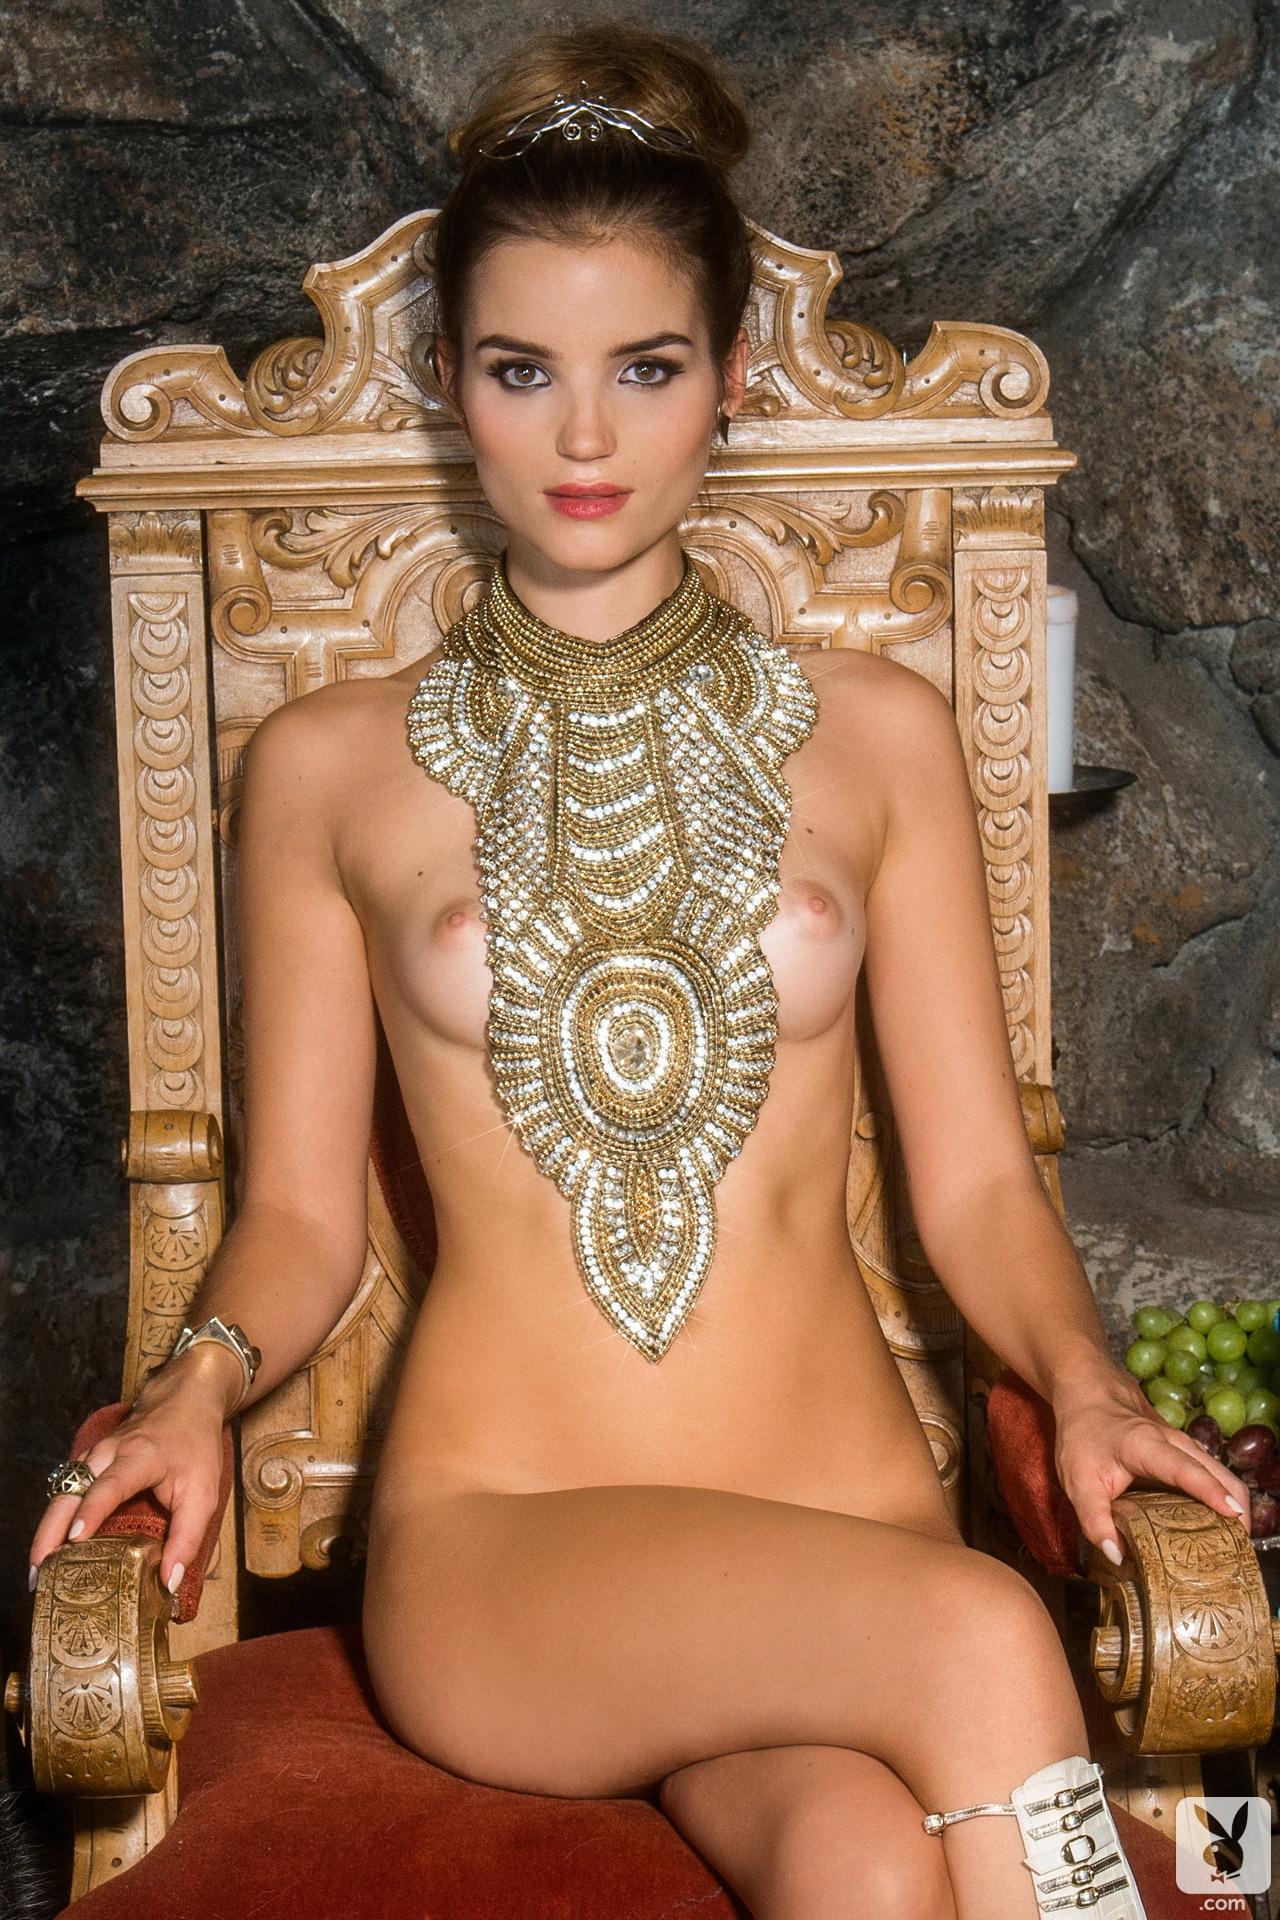 Loza nude hot nude fake princesses